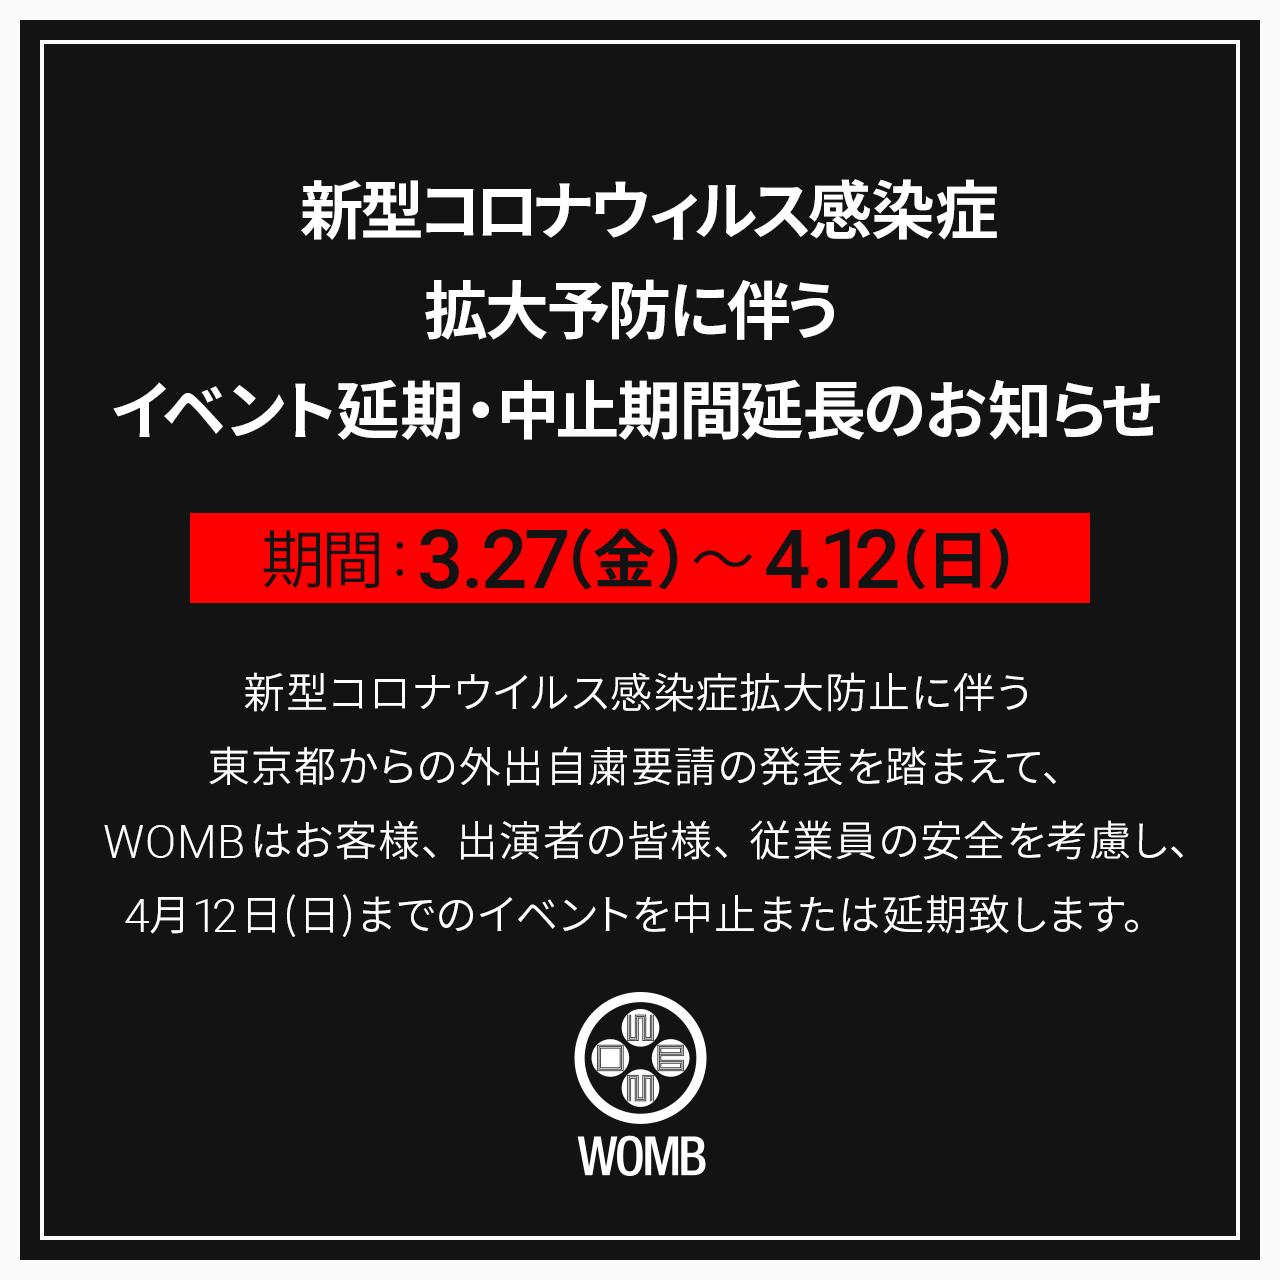 コロナ ウイルス イベント 中止